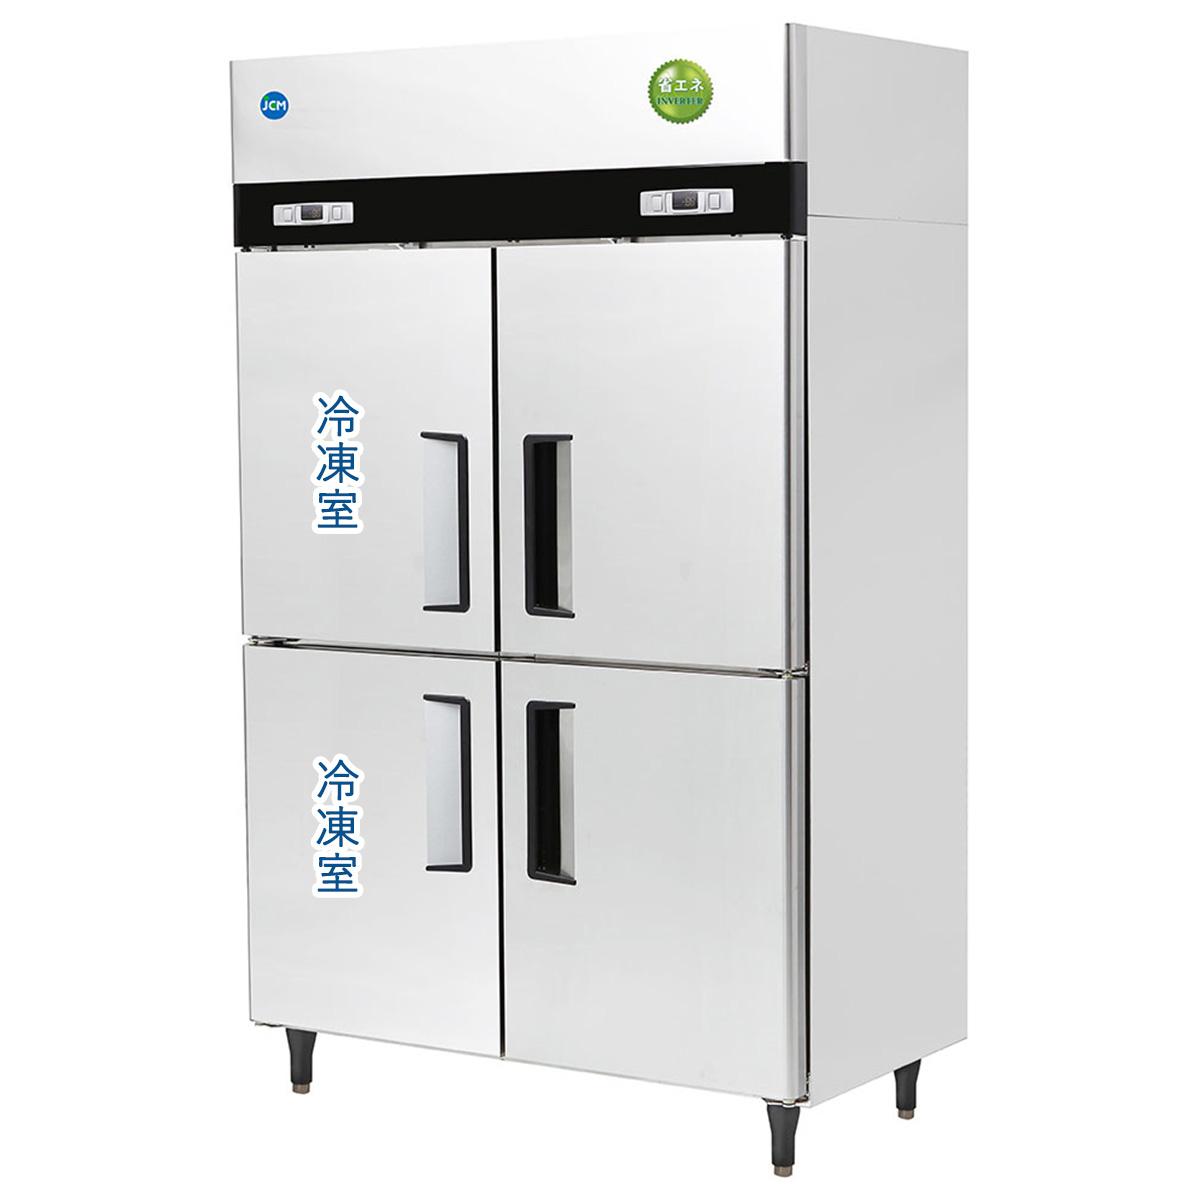 JCM タテ型 冷凍冷蔵庫 JCMR-1280F2-I 業務用 冷凍 冷蔵 4ドア 省エネ 【代引不可】